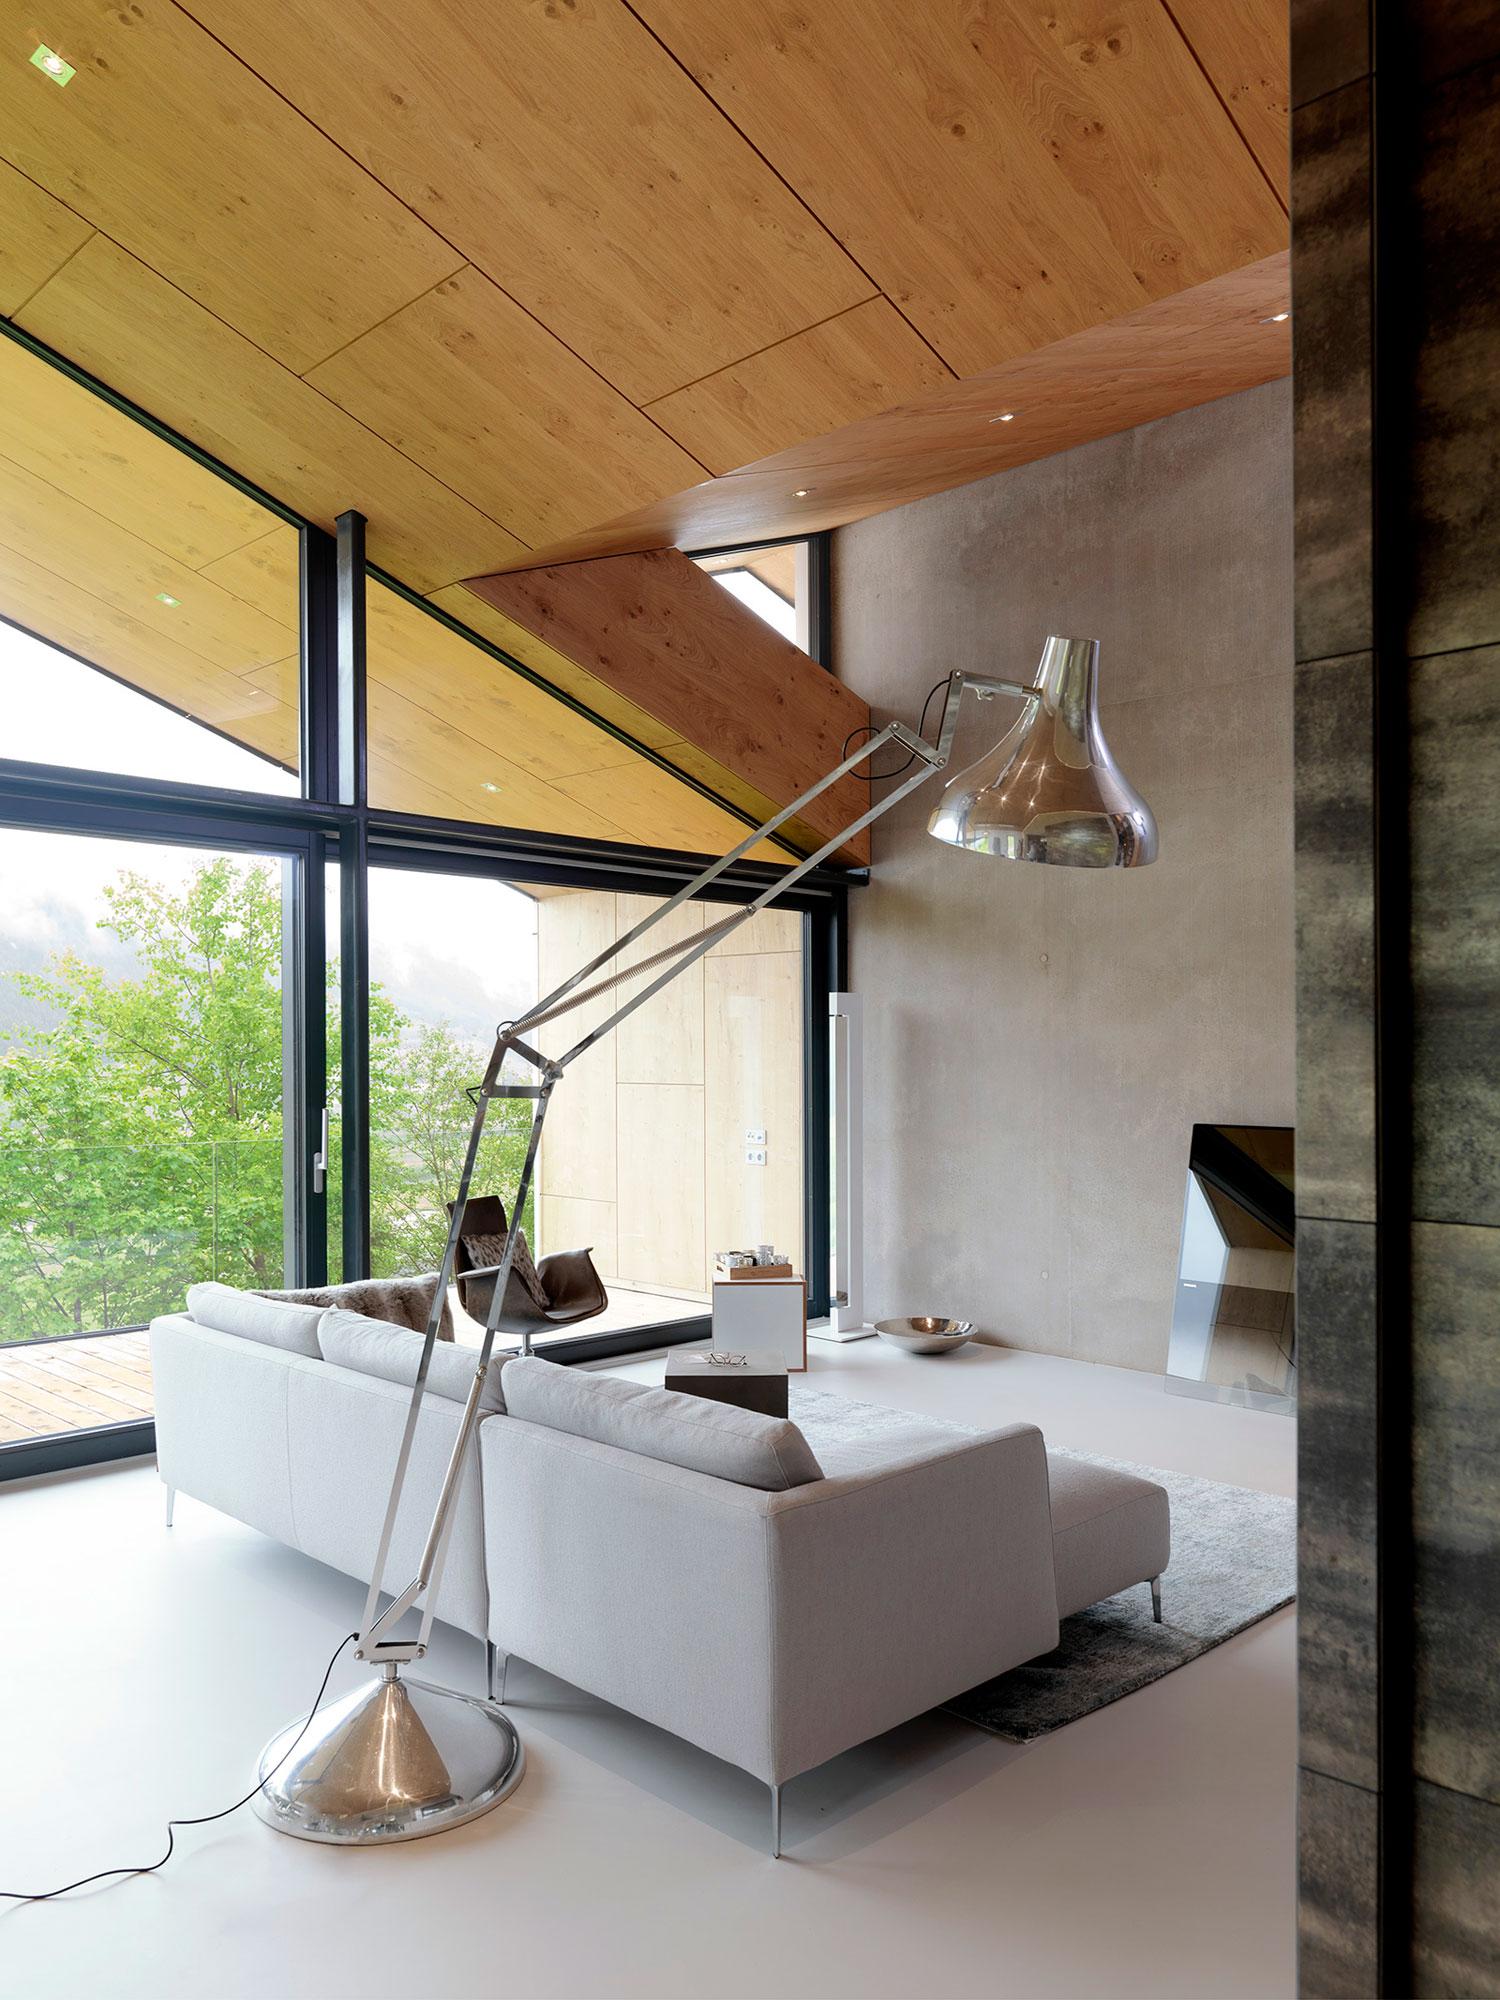 Kitzbuehel Mountain View House by SoNo arhitekti-07